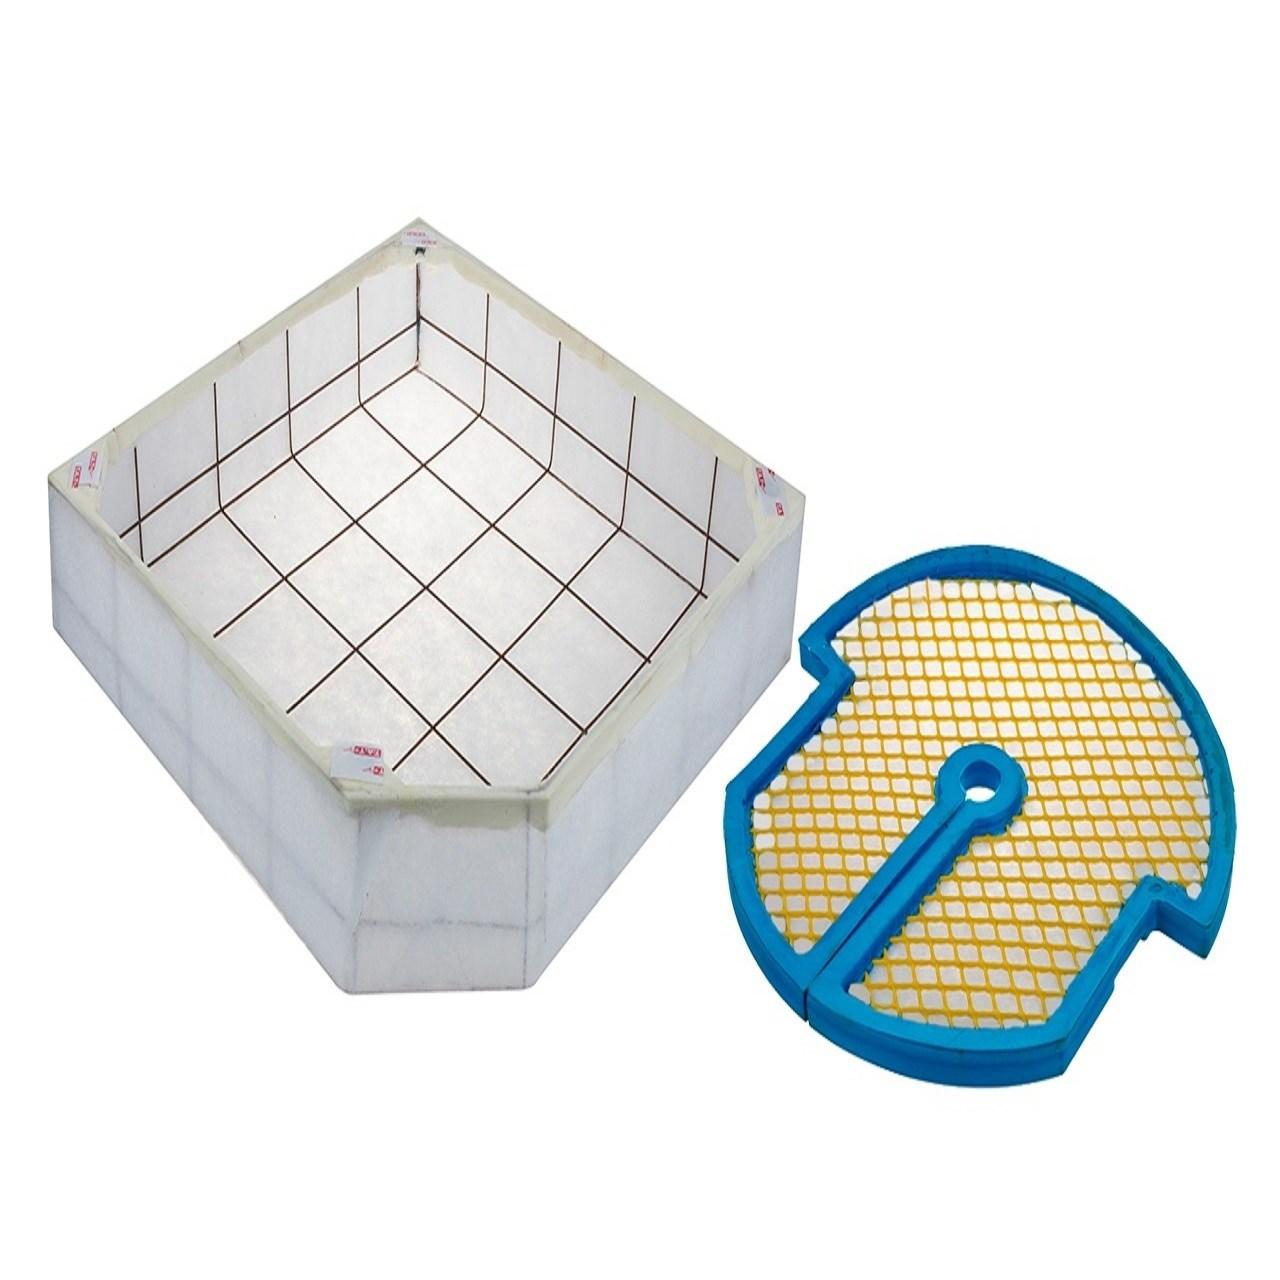 فیلتر نانو تصفیه هوای کولر آبی  کولپاک مدل N 5000